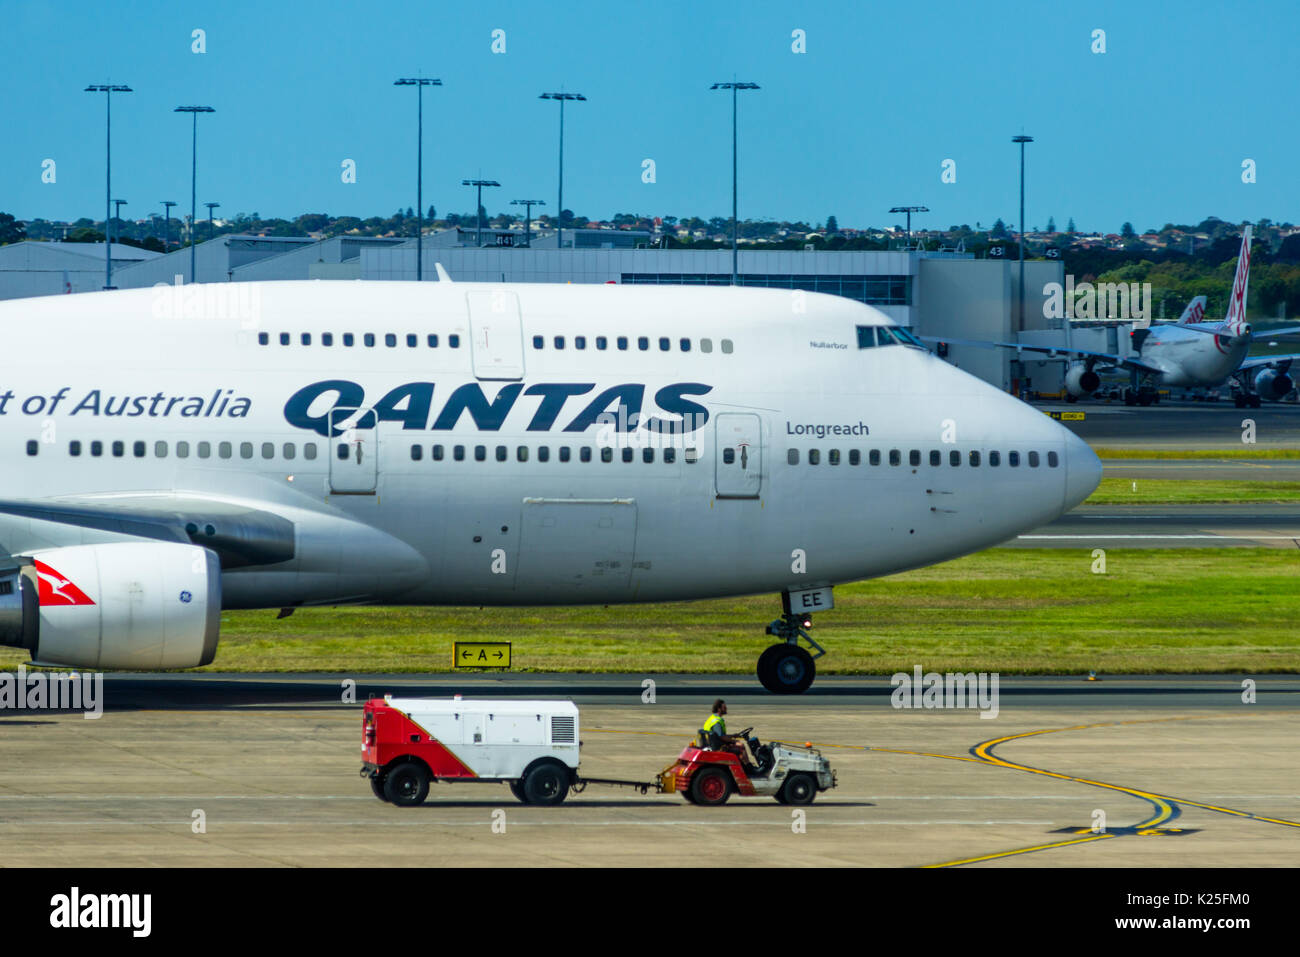 Eine Qantas 747 Jumbo Jet neben einem Gepäck Fahrzeug am internationalen Flughafen von Sydney, New South Wales, Australien. Stockbild